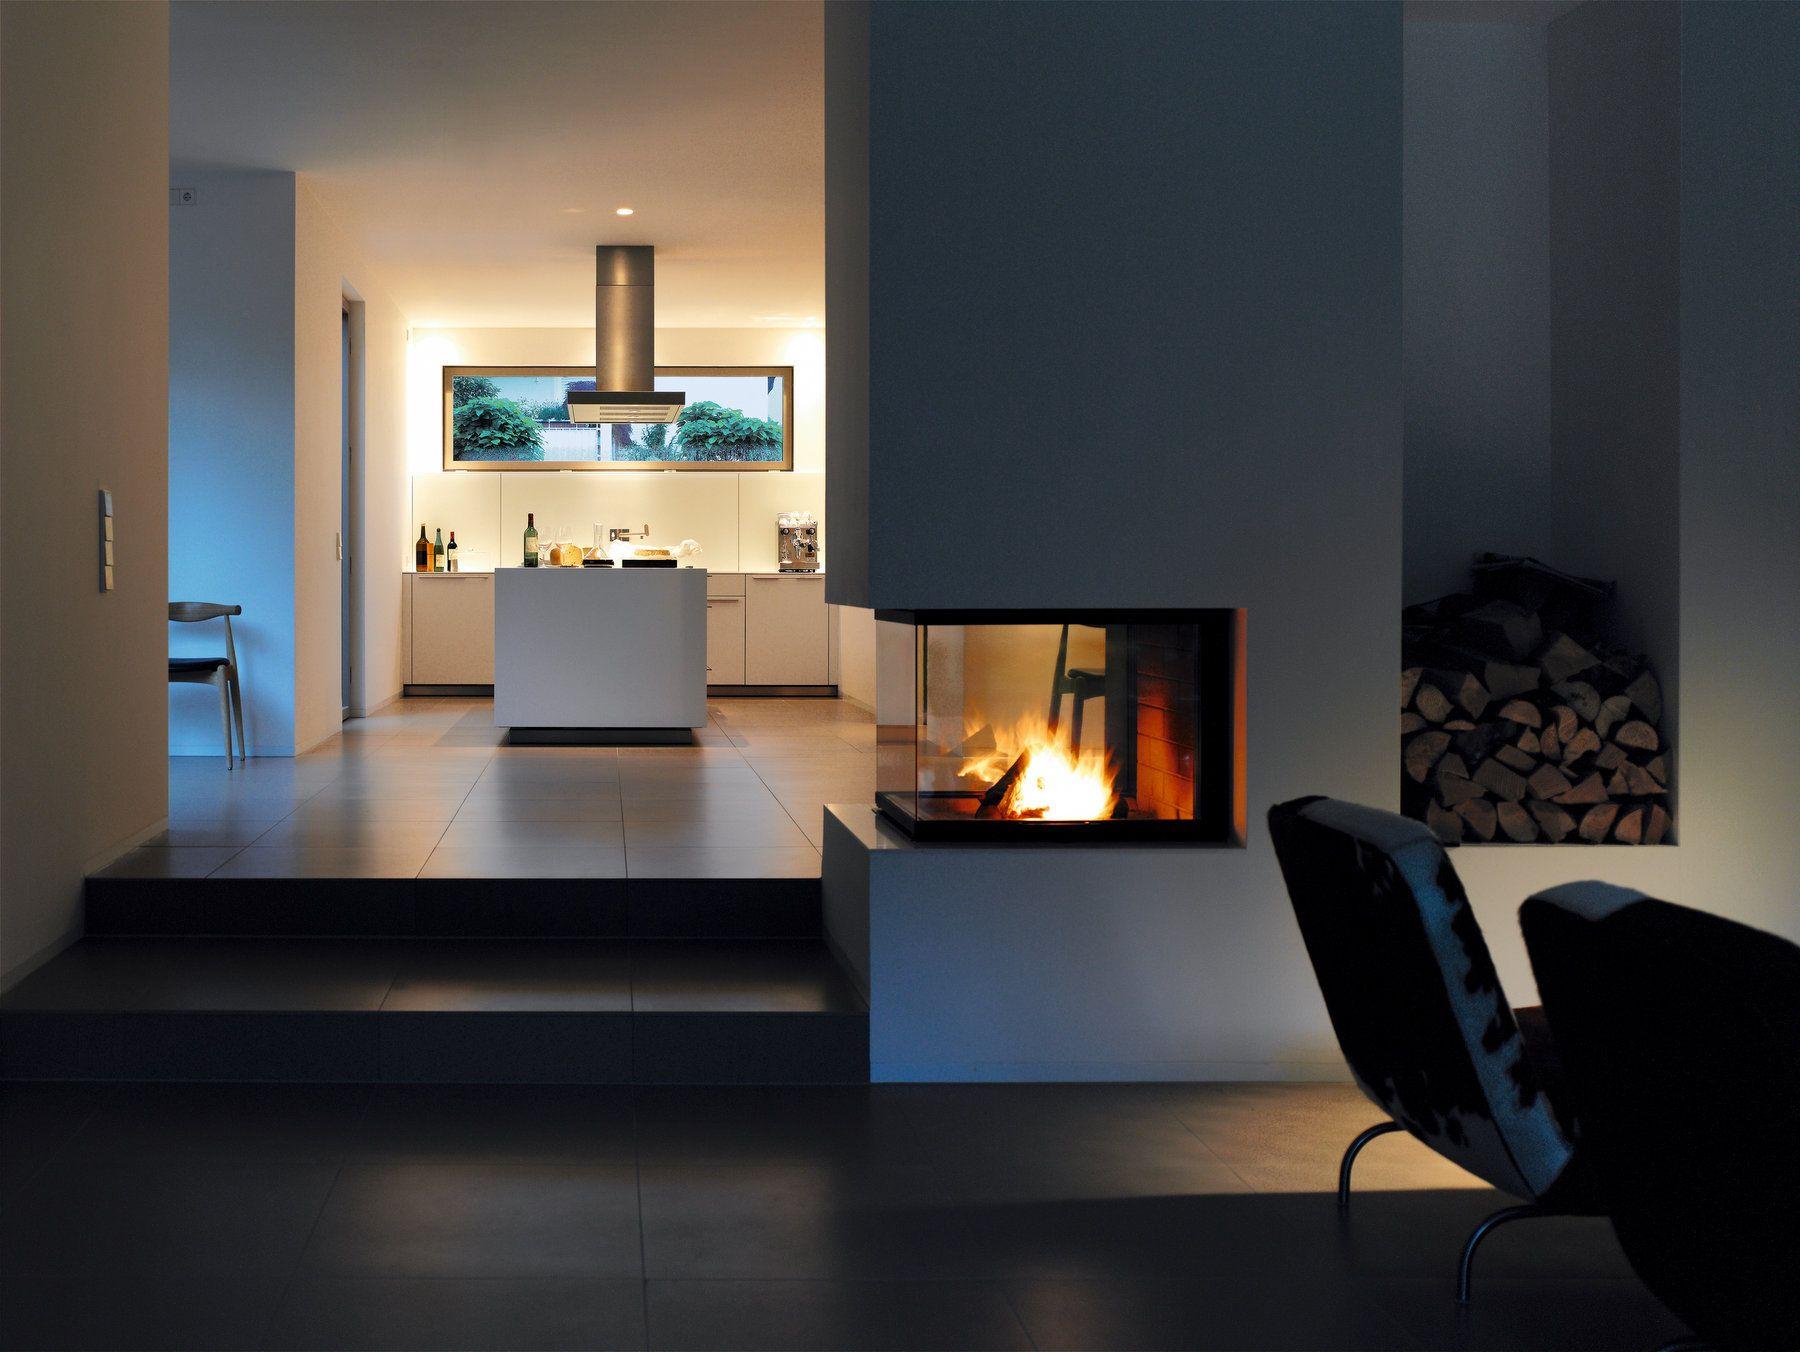 Cucina con isola B3 | Cucina con isola - Bulthaup | Zona living ...